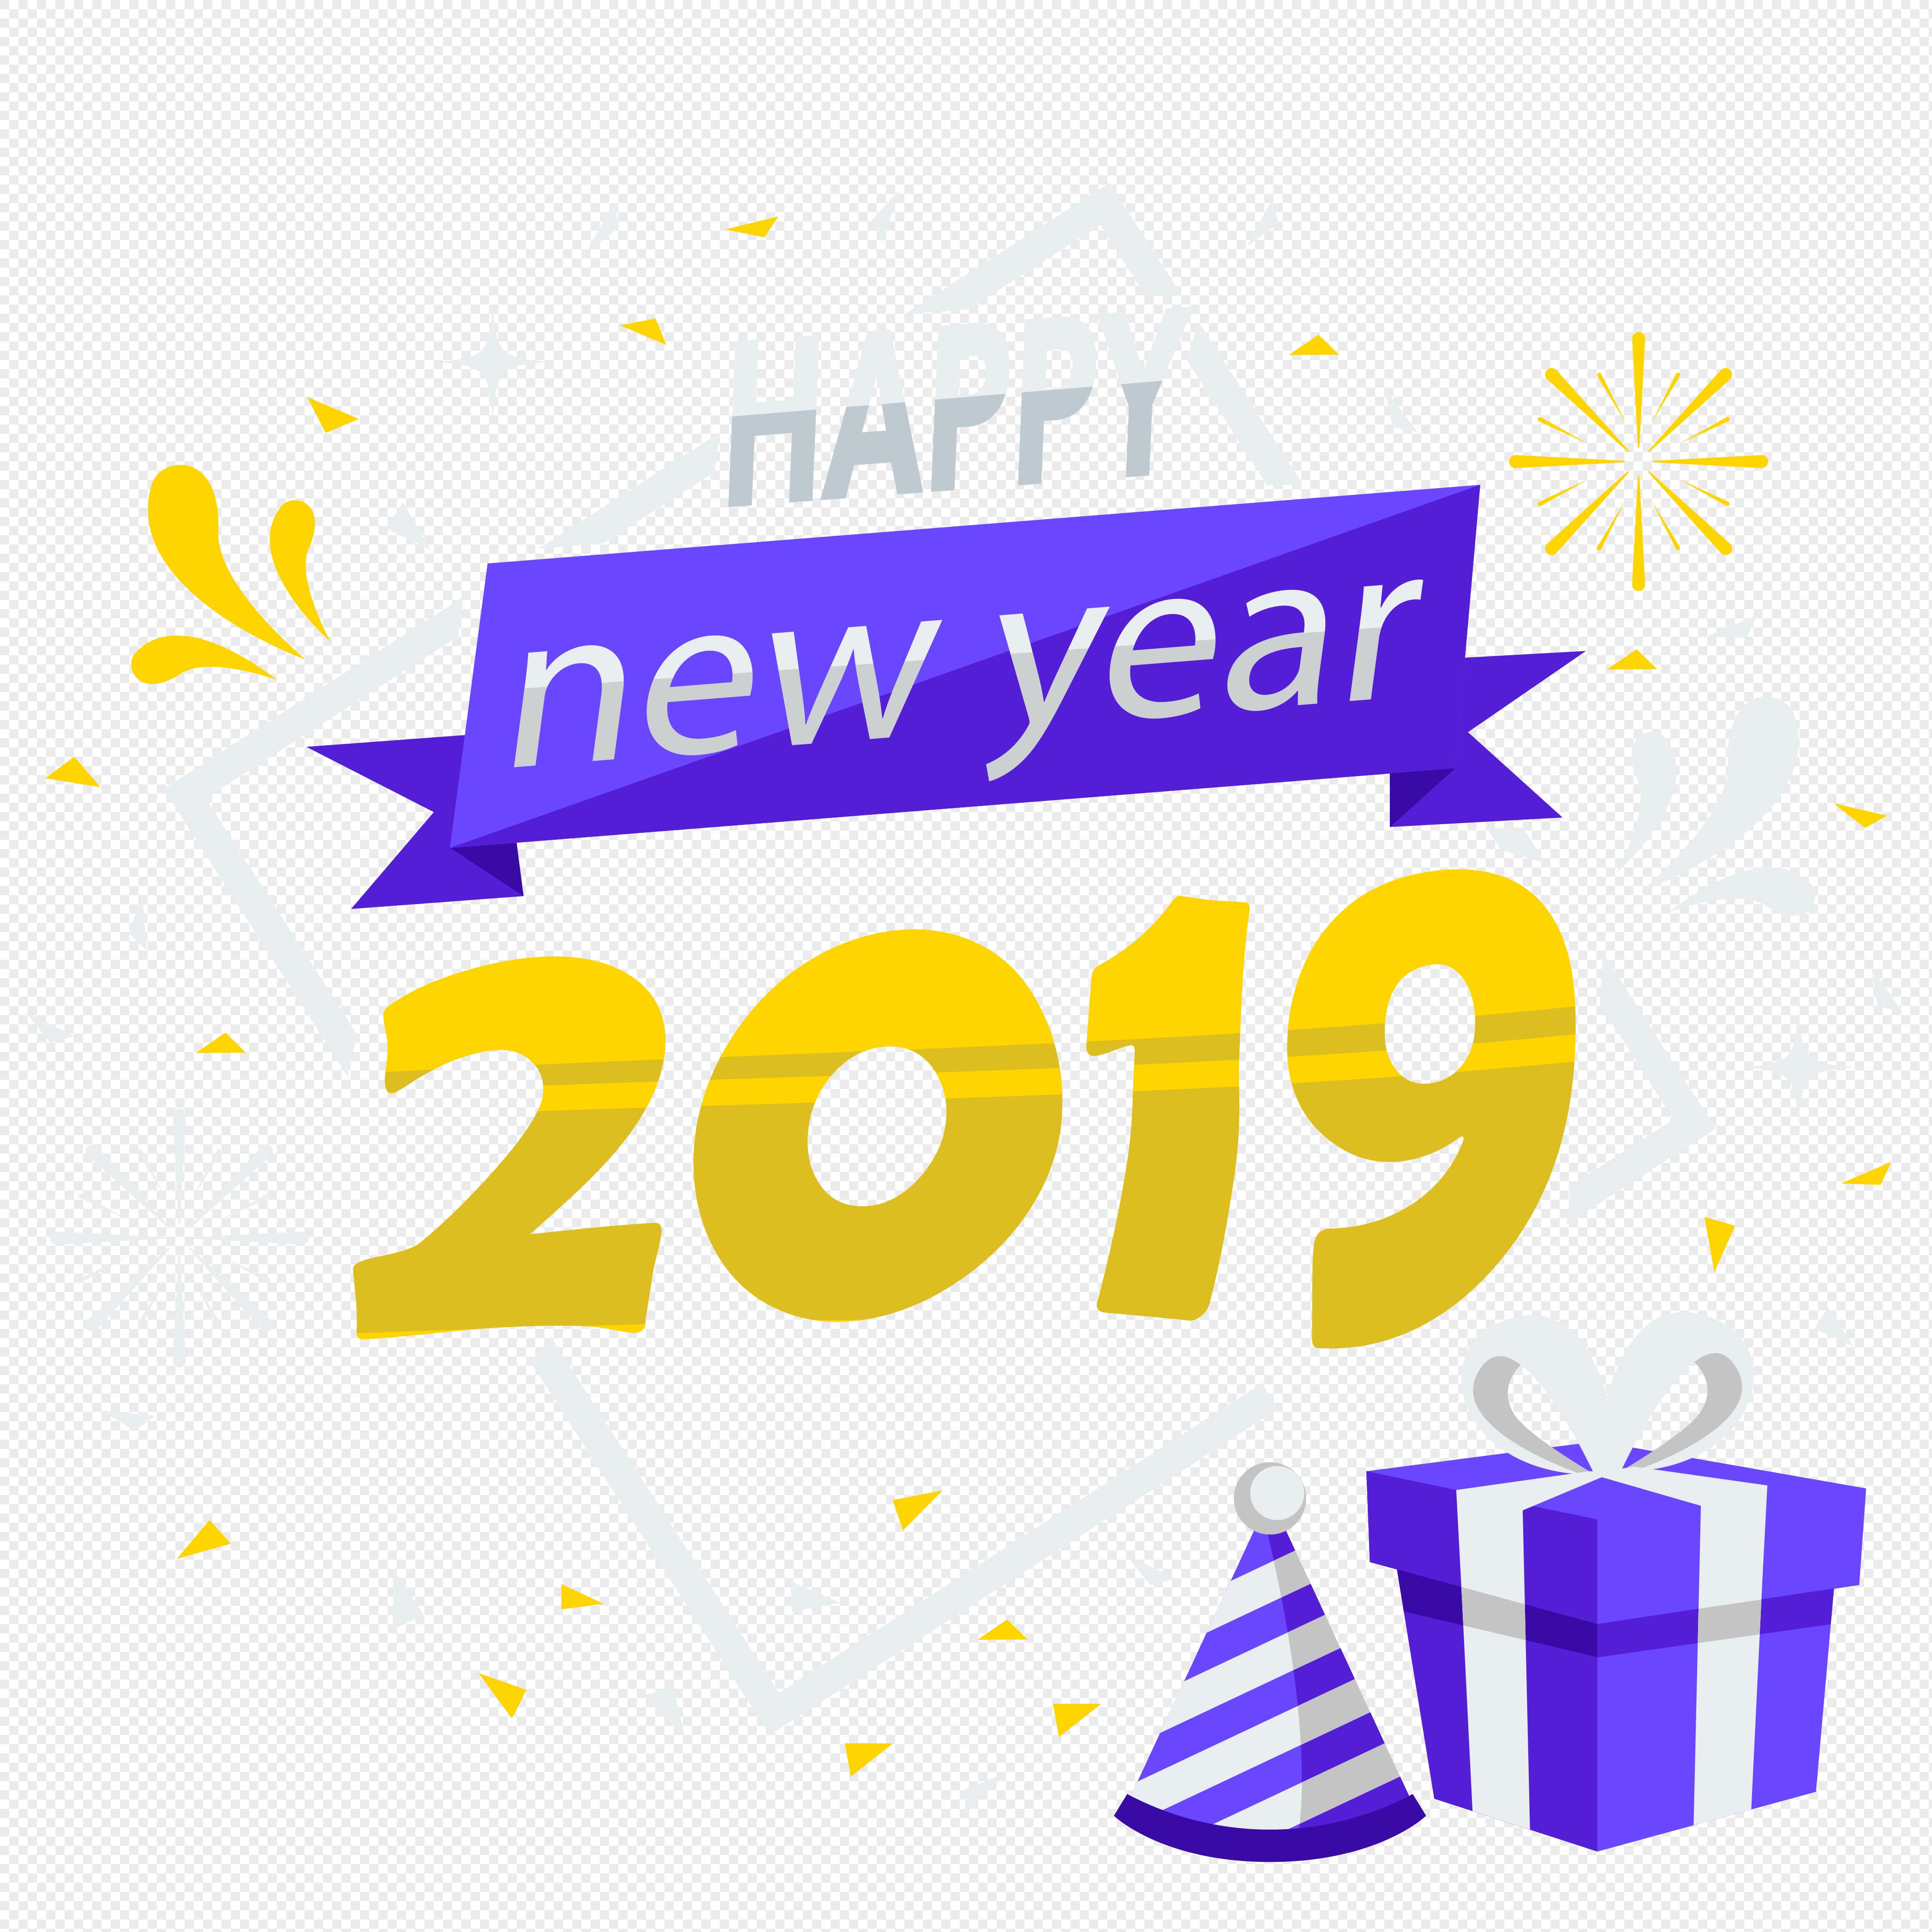 Fuegos Artificiales De Regalo De Ano Nuevo 2019 Imagen Descargar Prf